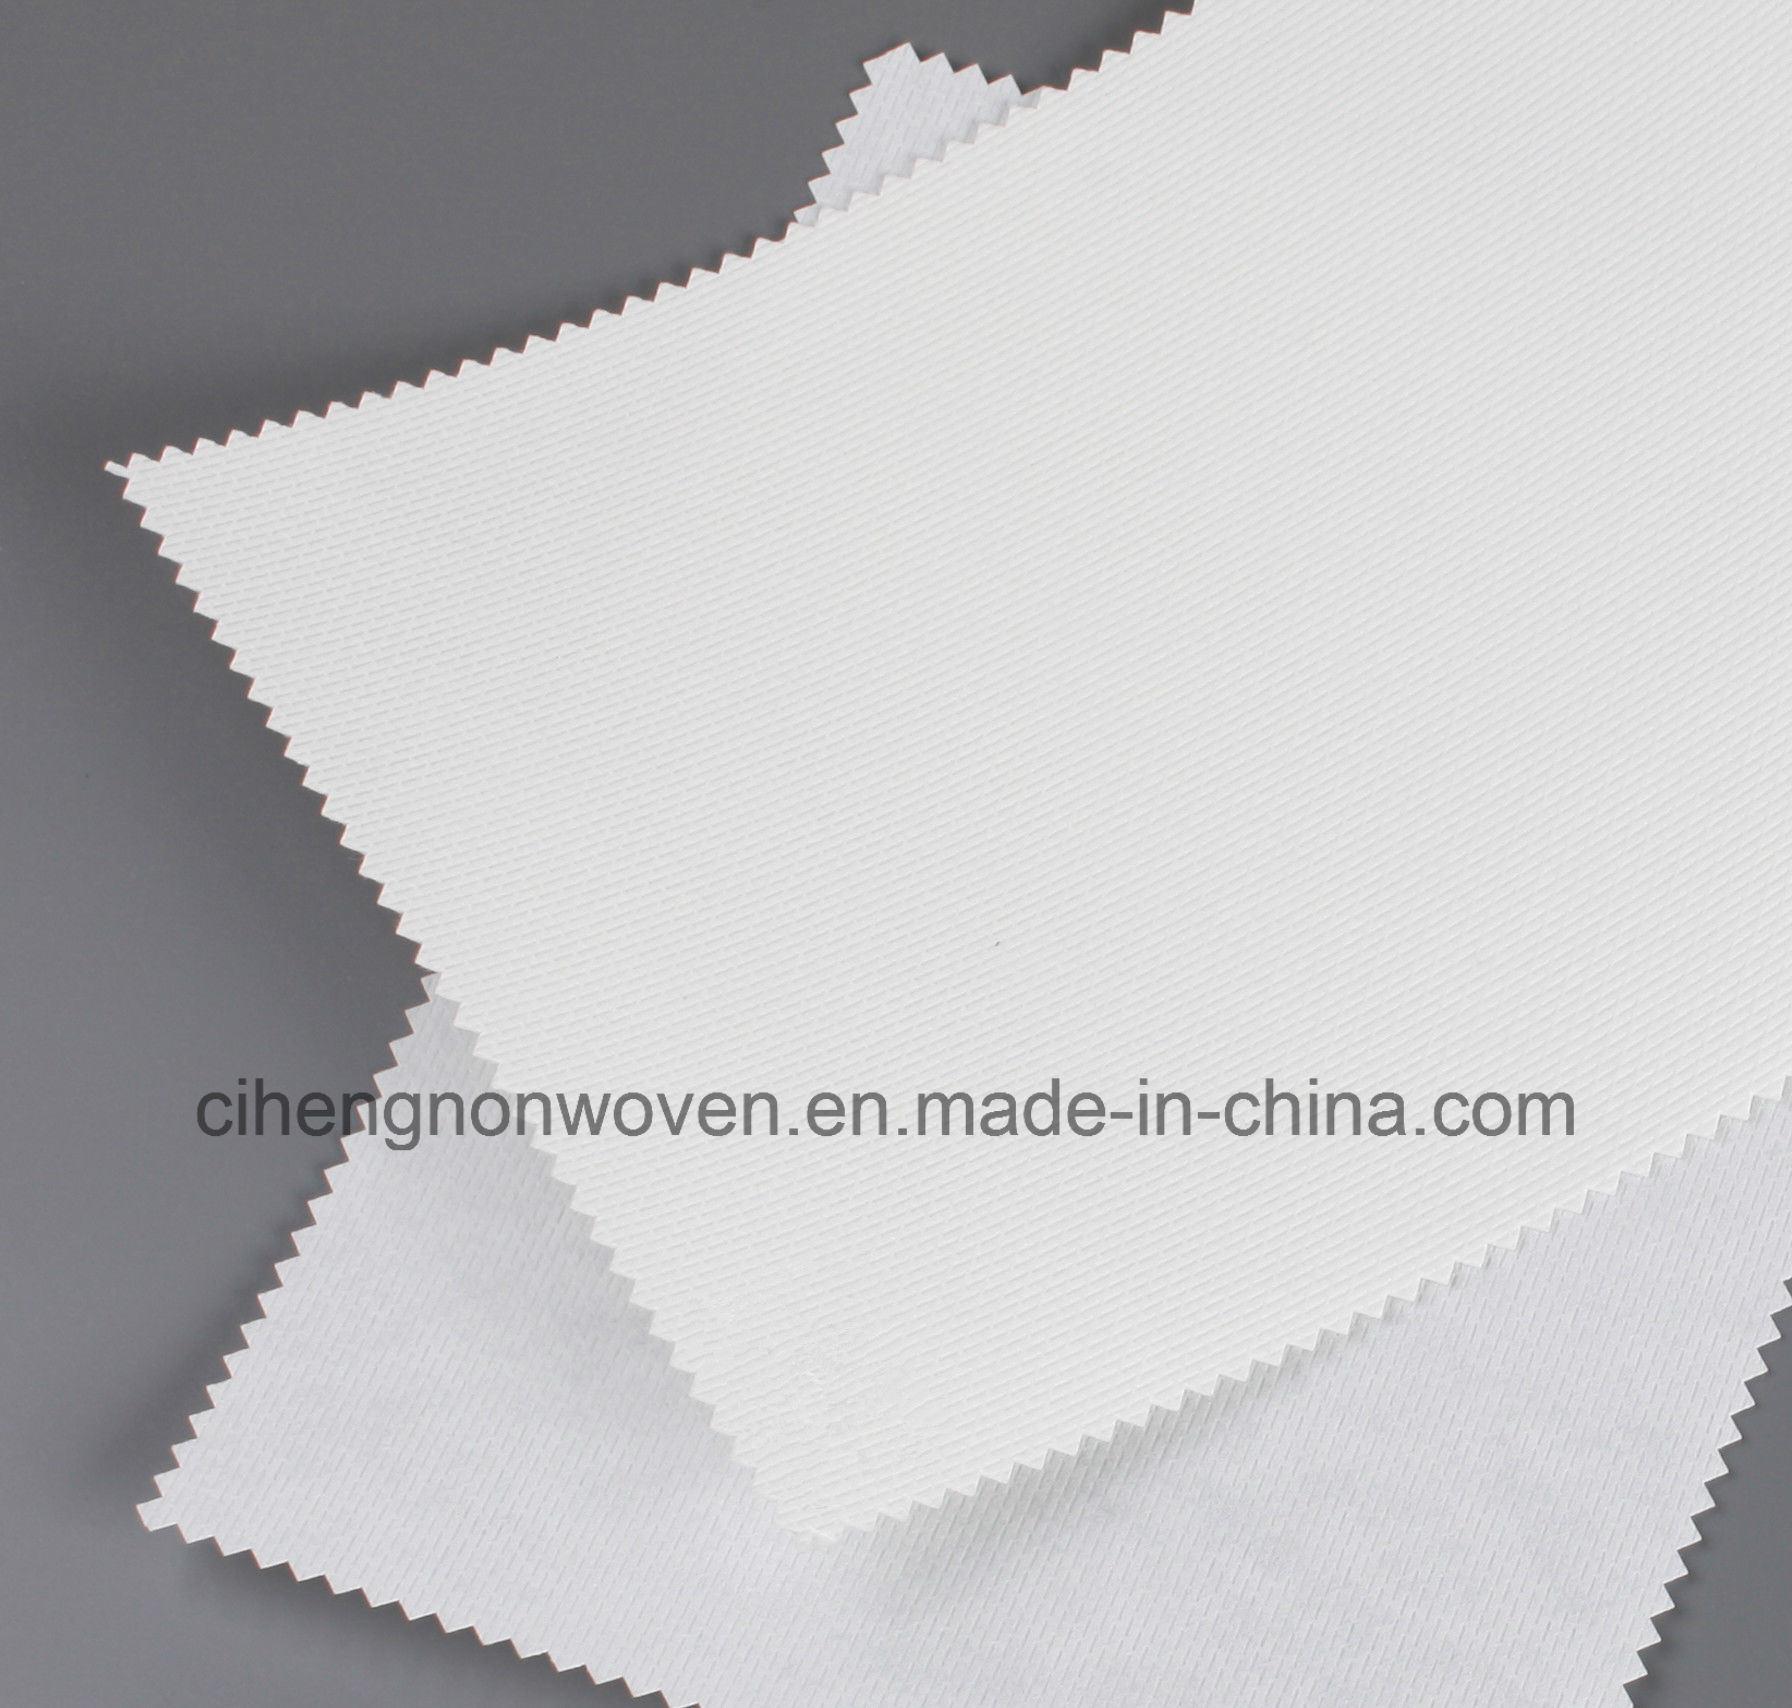 Pet Fibre Thermo-Bonded Backbone Nonwoven Fabric